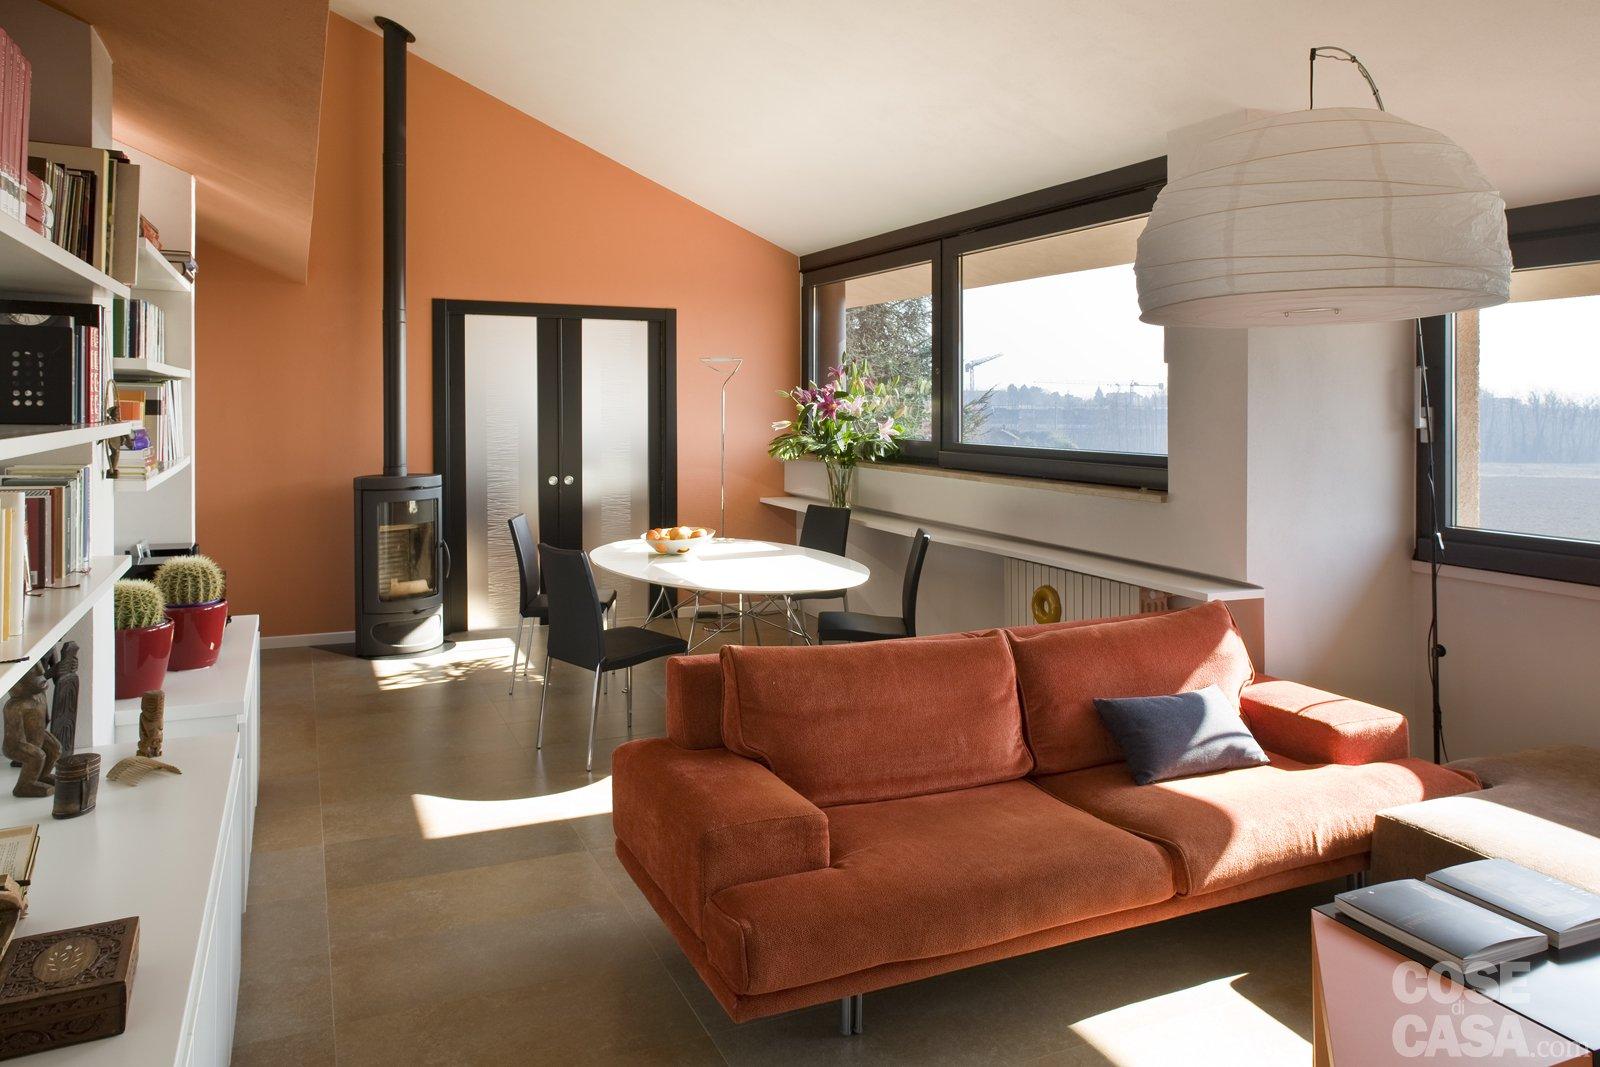 Cucina angolare anche in mansarda mobili per ottimizzare lo spazio